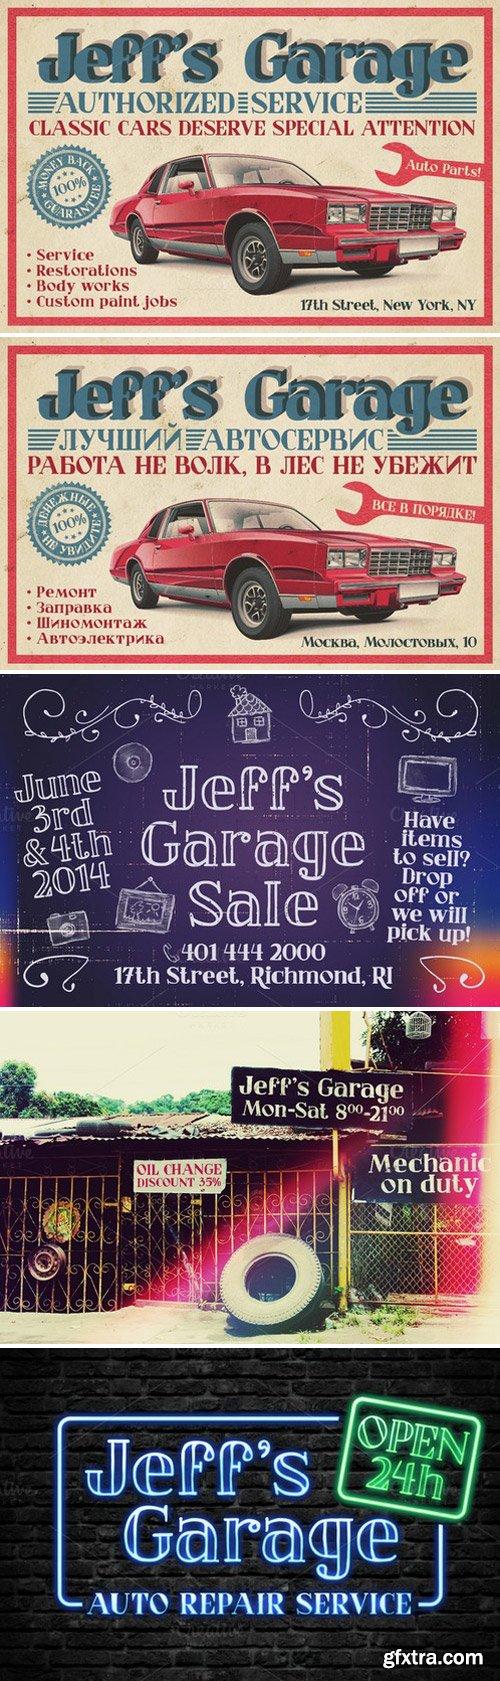 CM - Jeffs Garage 53084